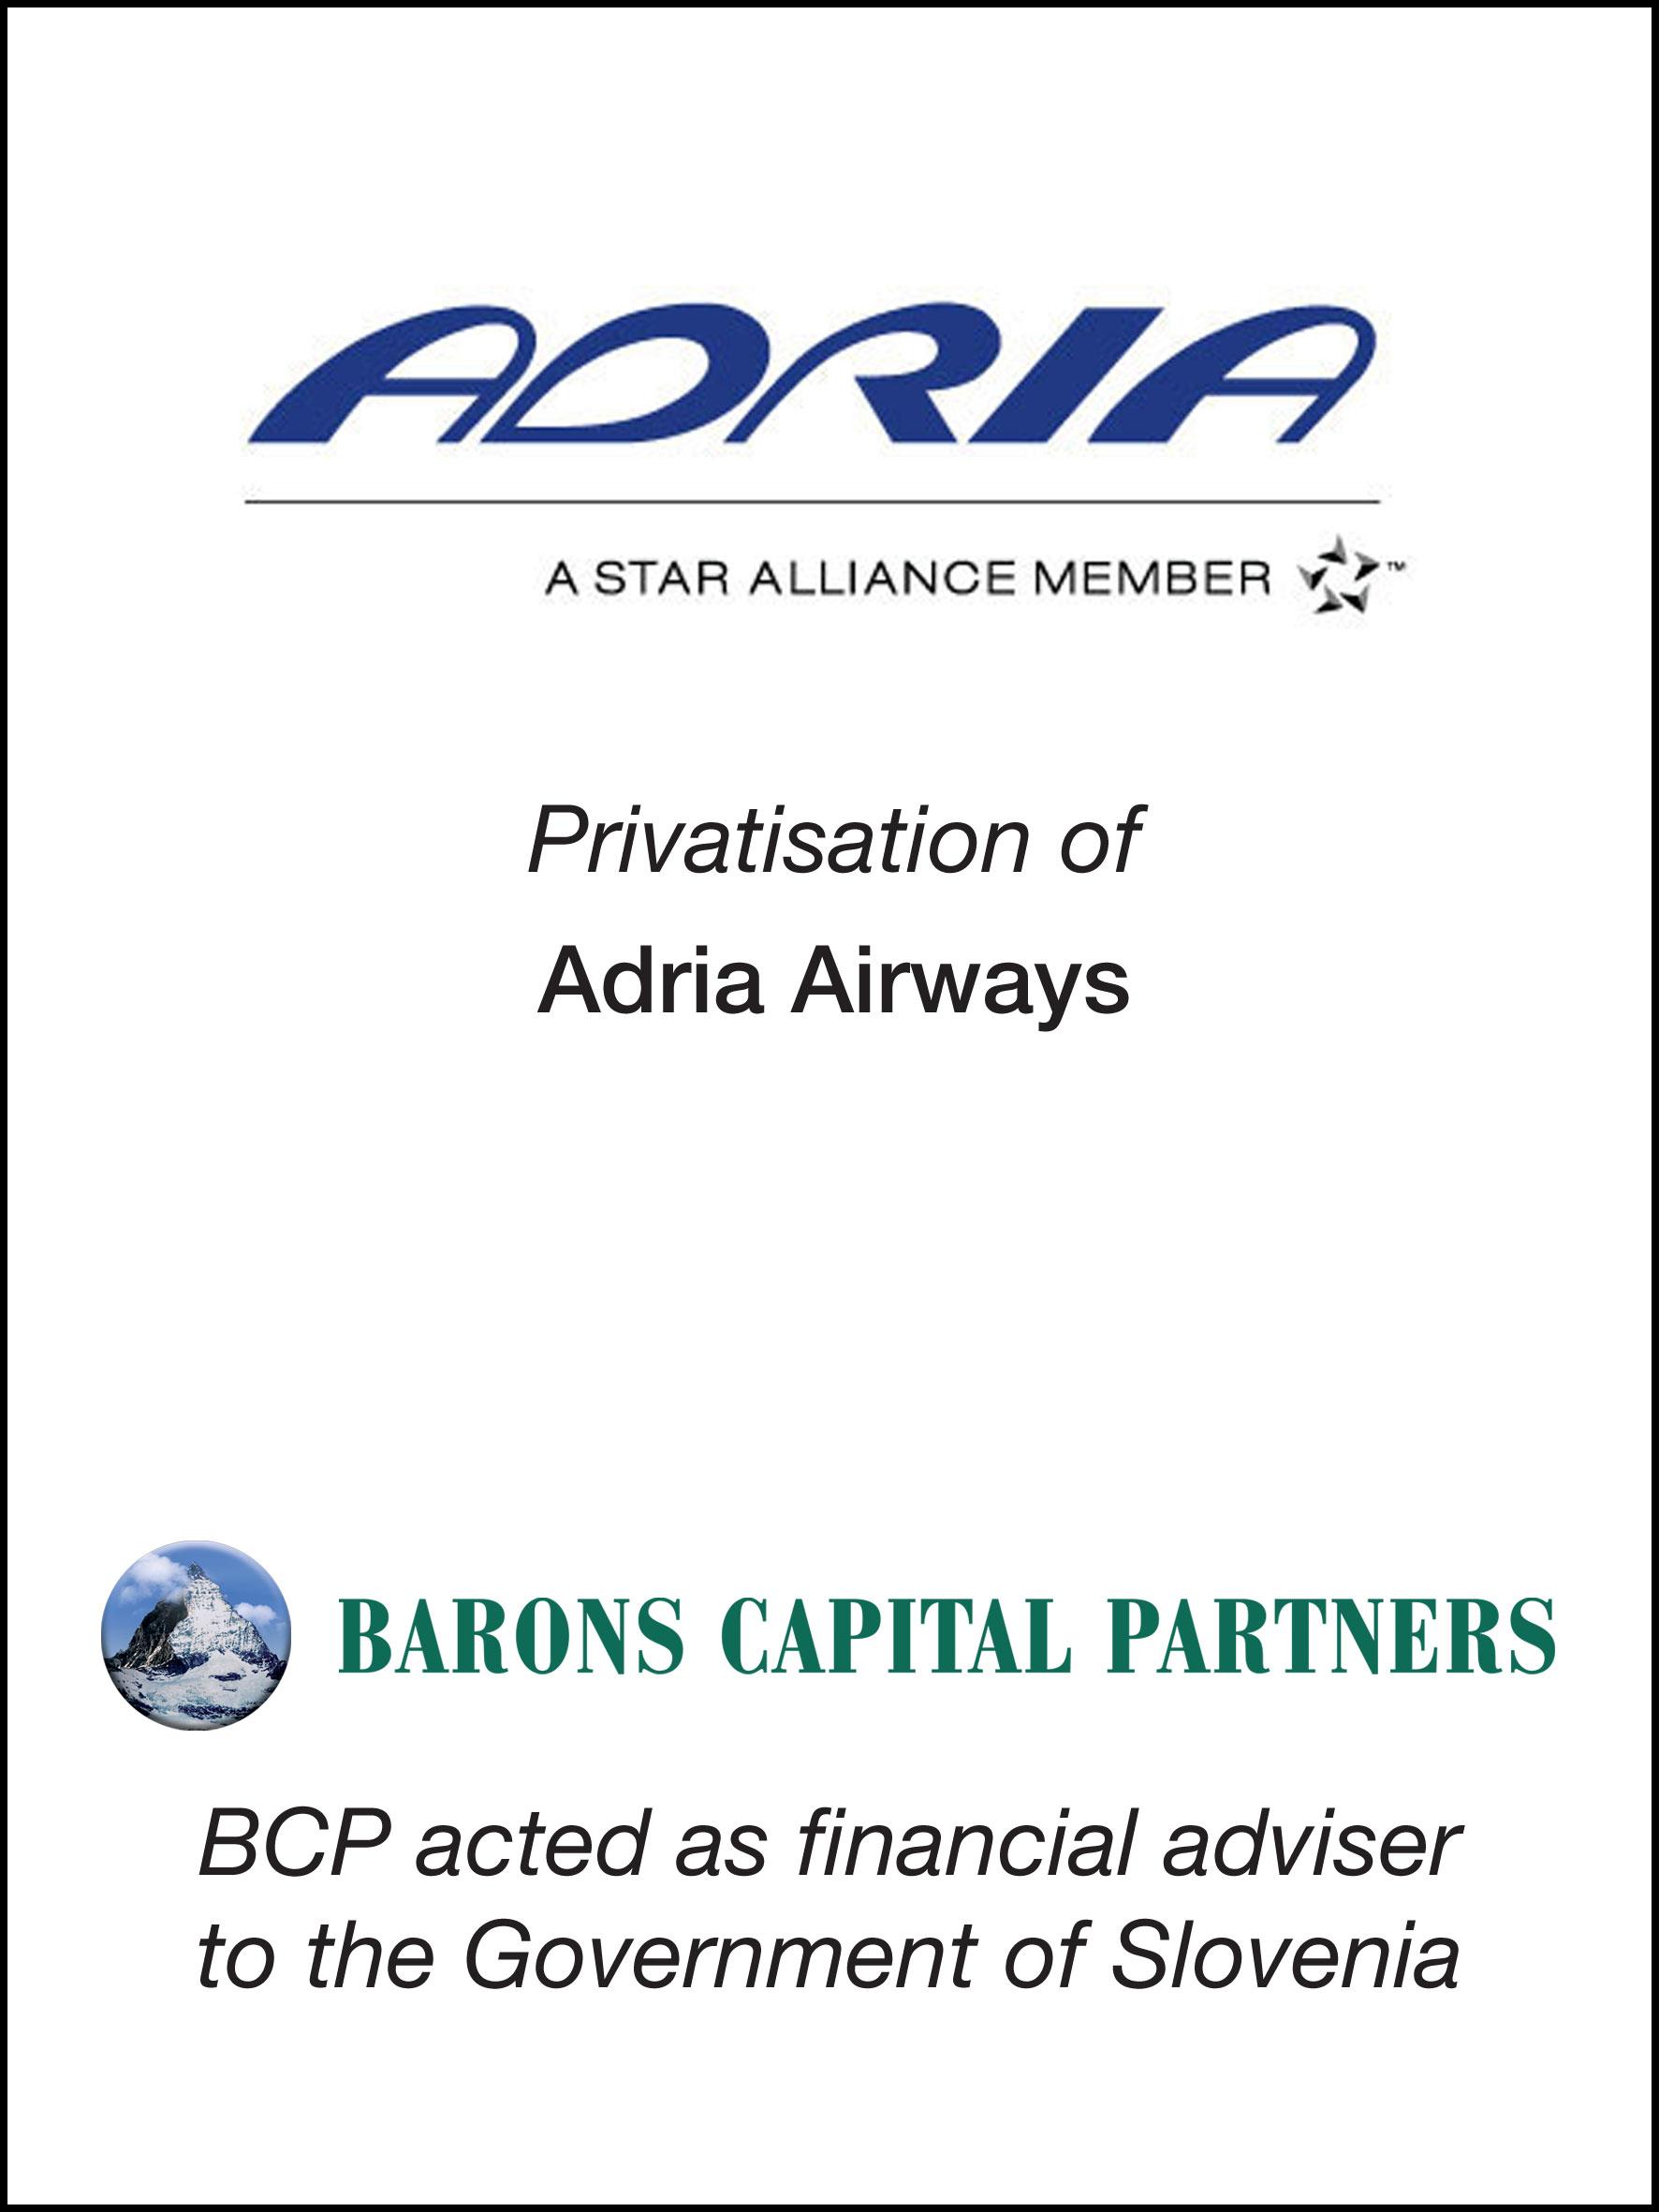 9_Adria Airways